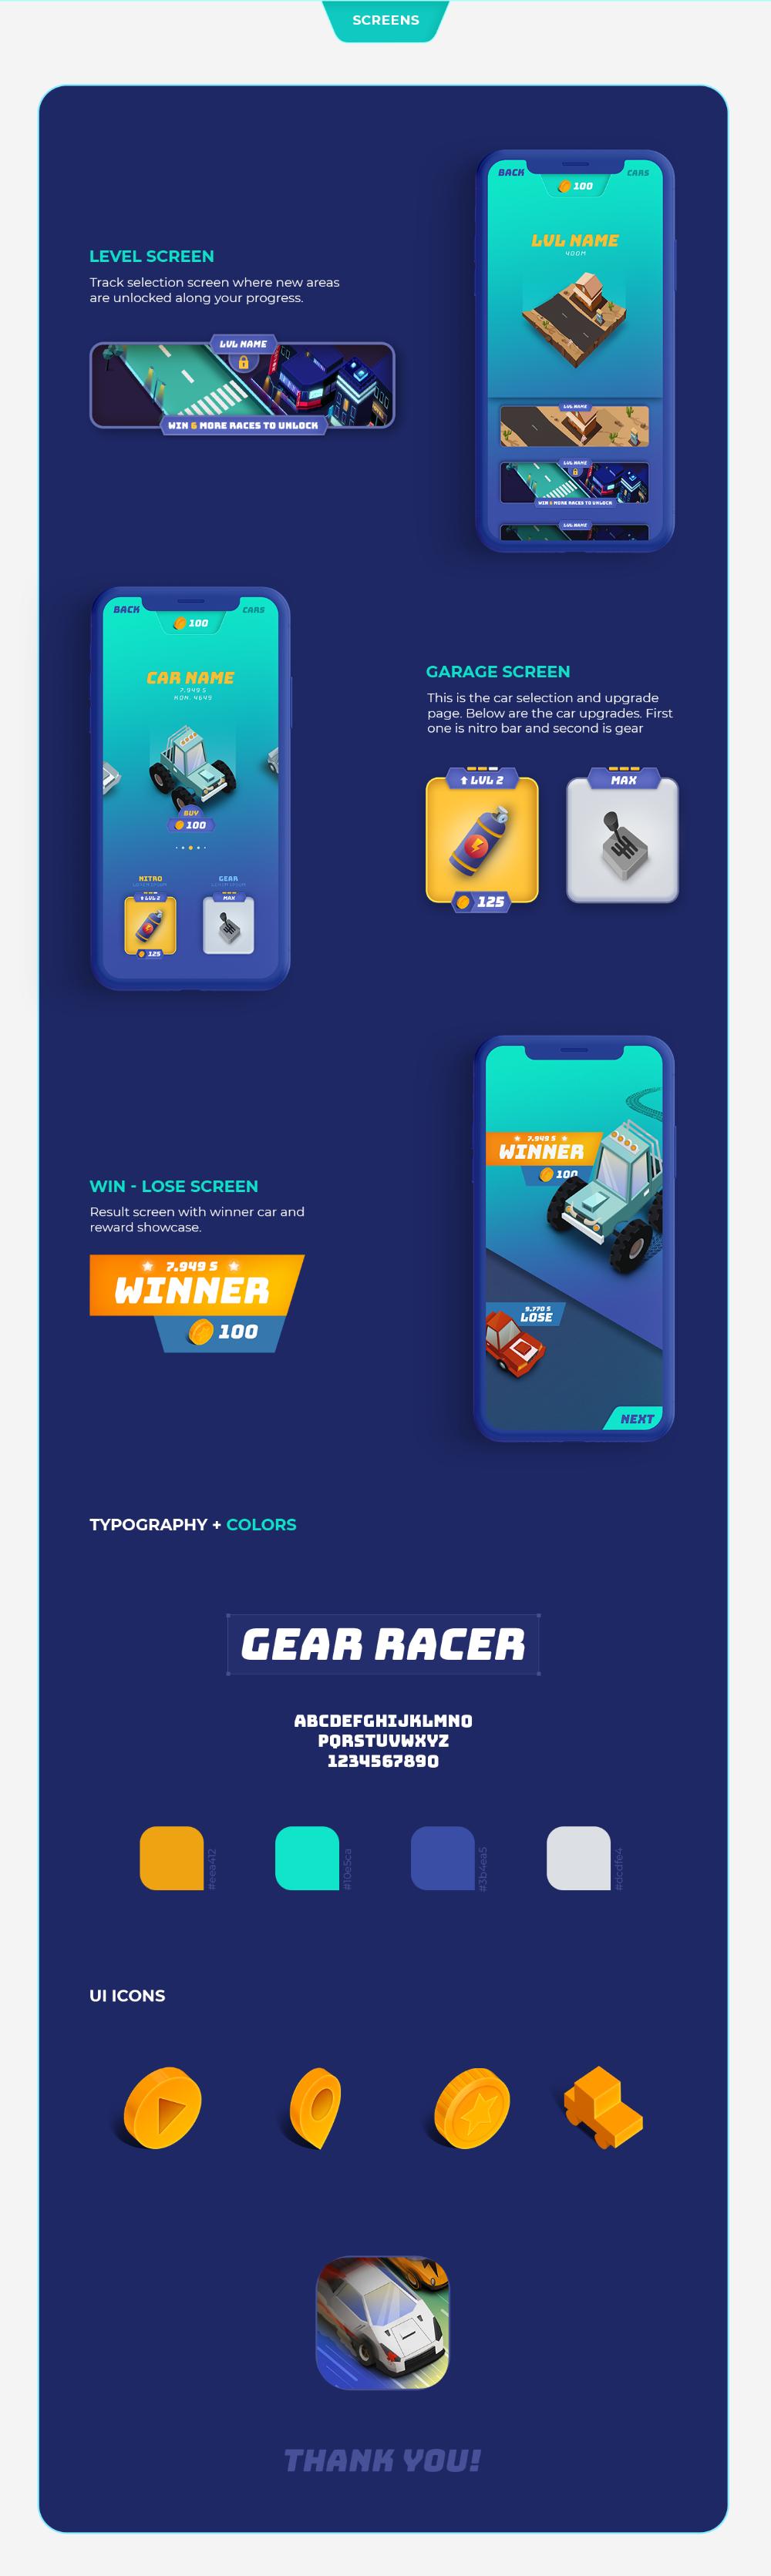 Behance Поиск Racer, Racing games, Gears